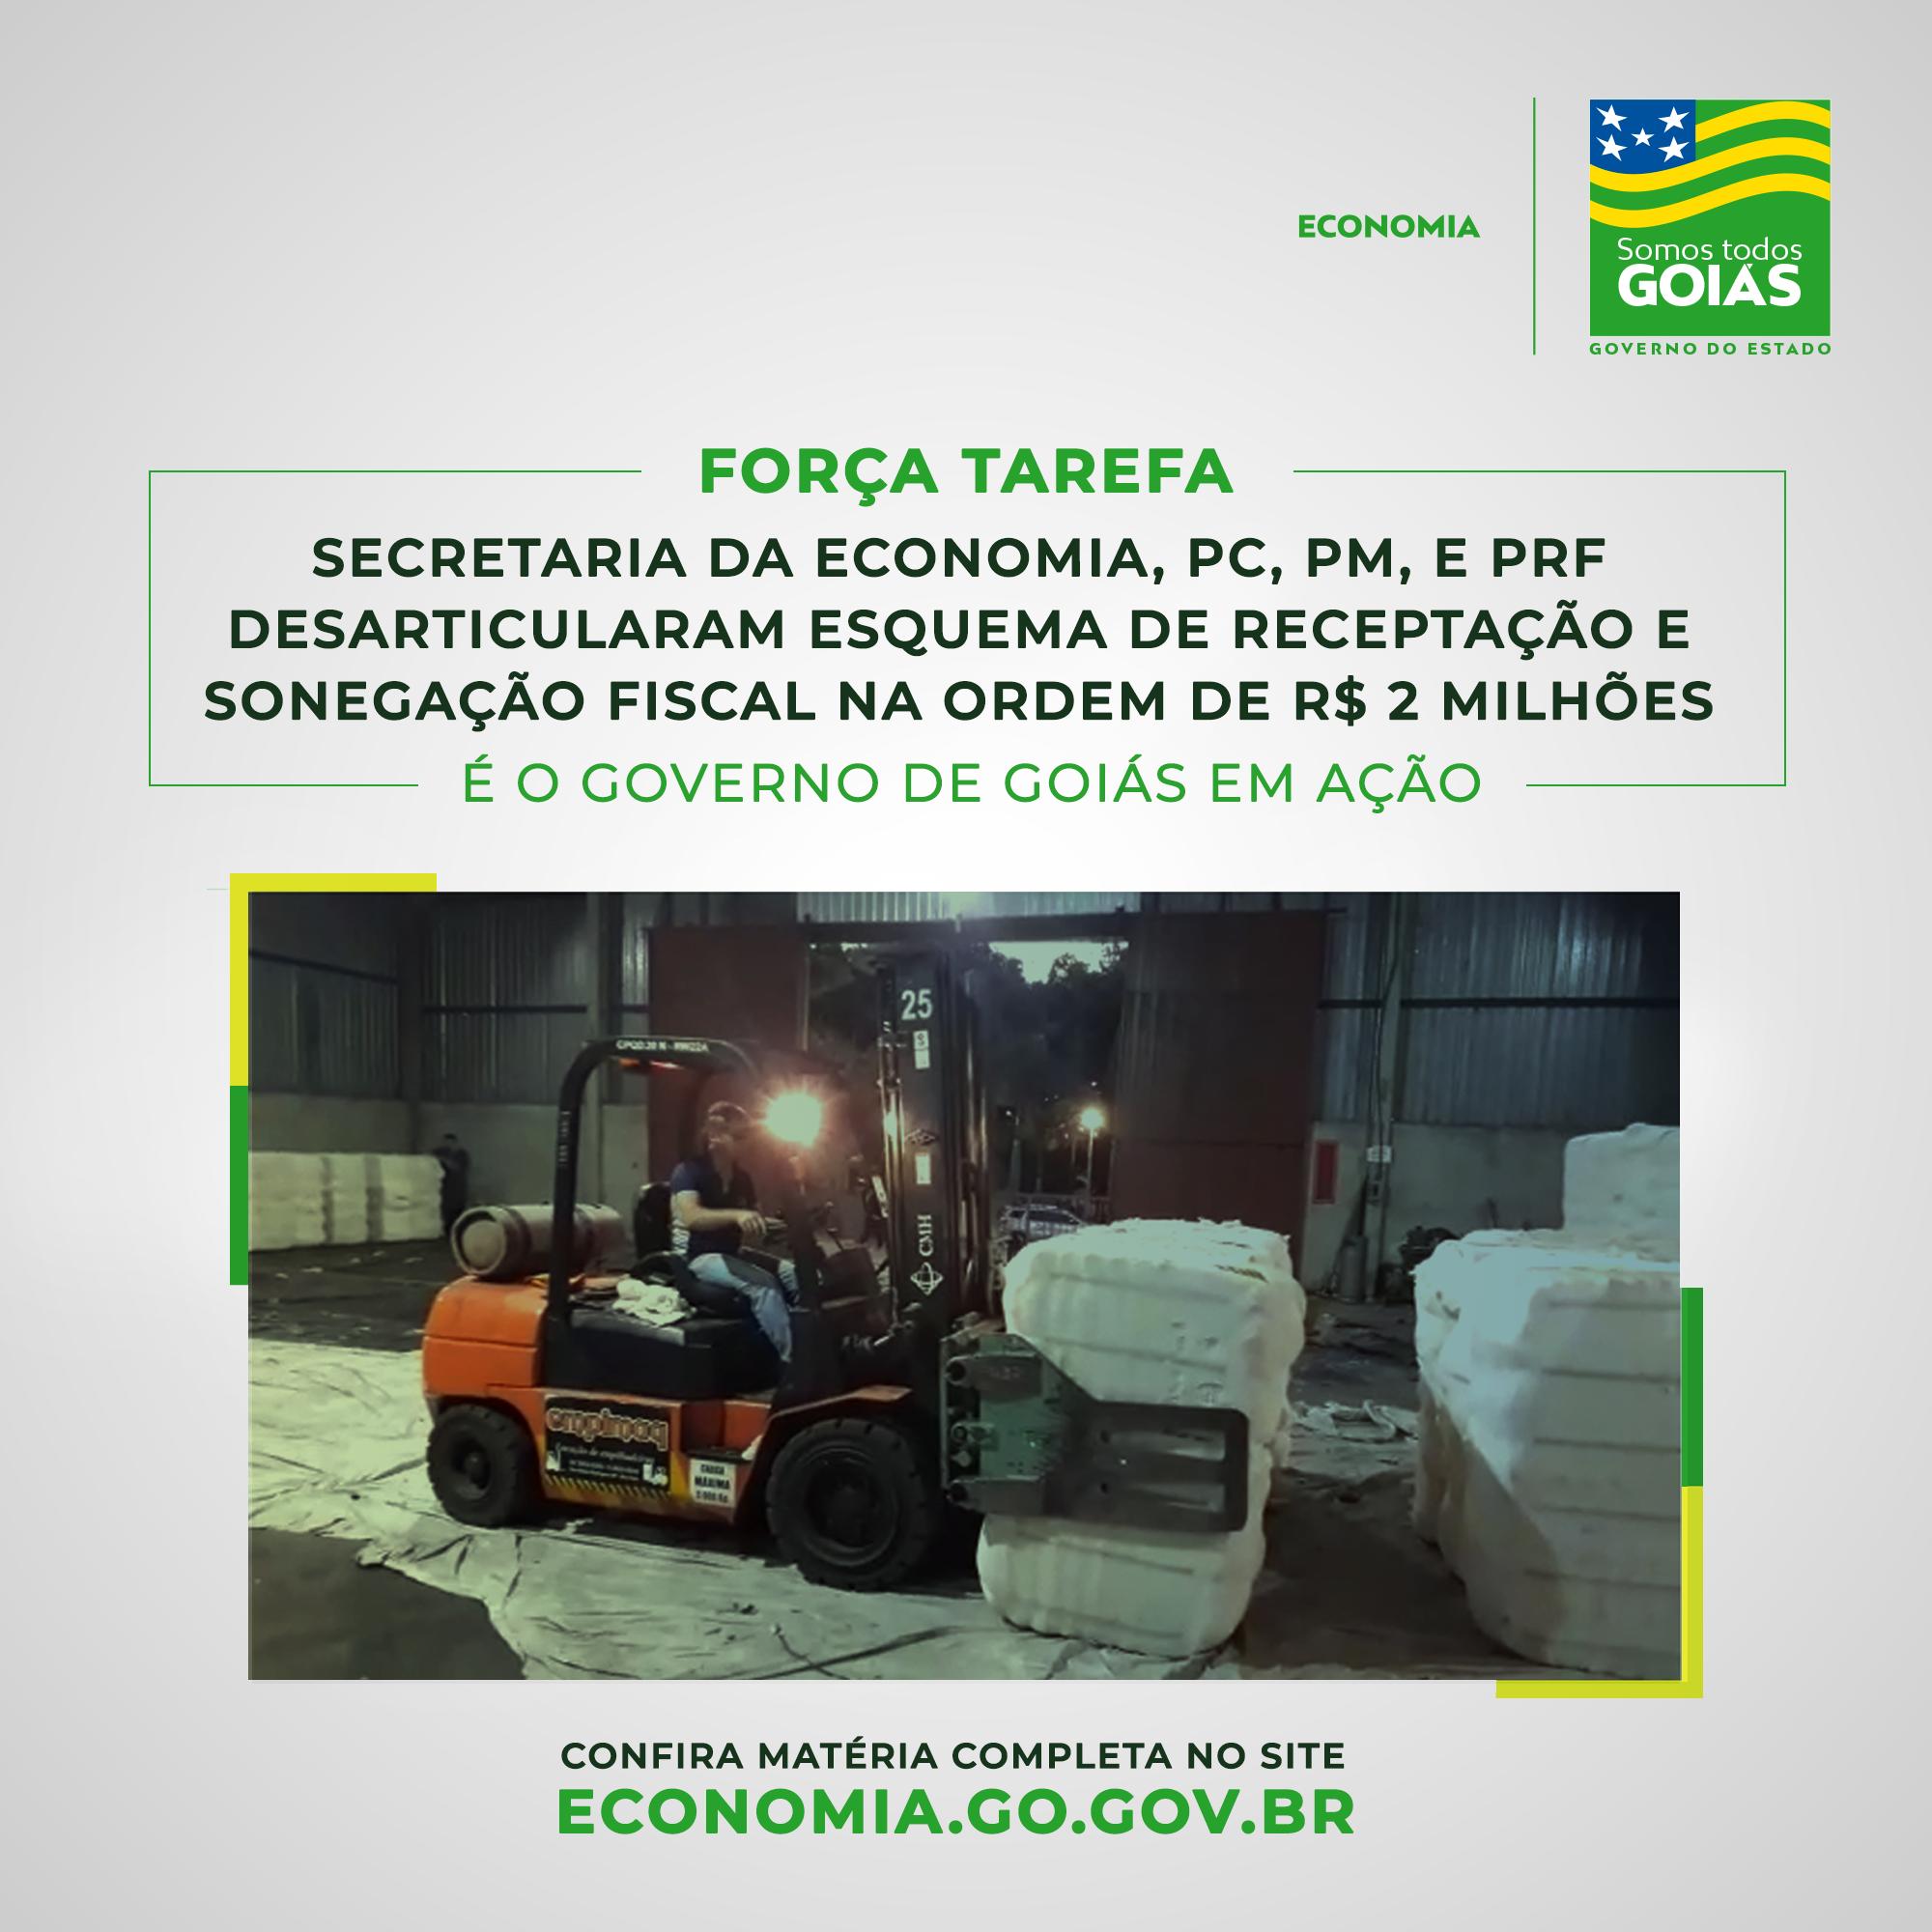 Operação com Fisco desarticula esquema de receptação e sonegação fiscal